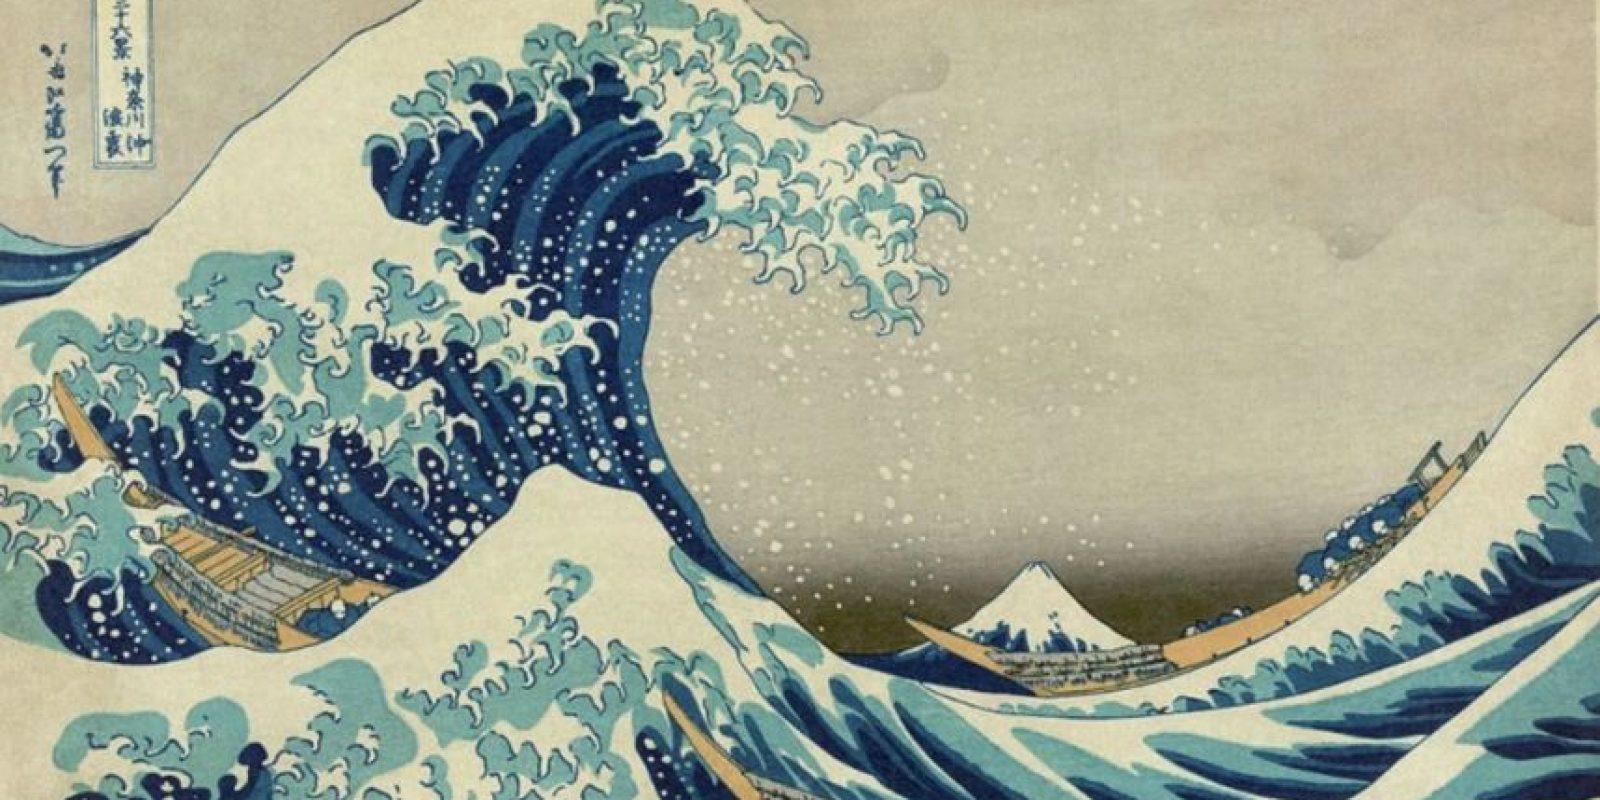 Mucho menos los tsunamis gigantescos que se retrataron en la historia. ¿Luna Negra dónde?